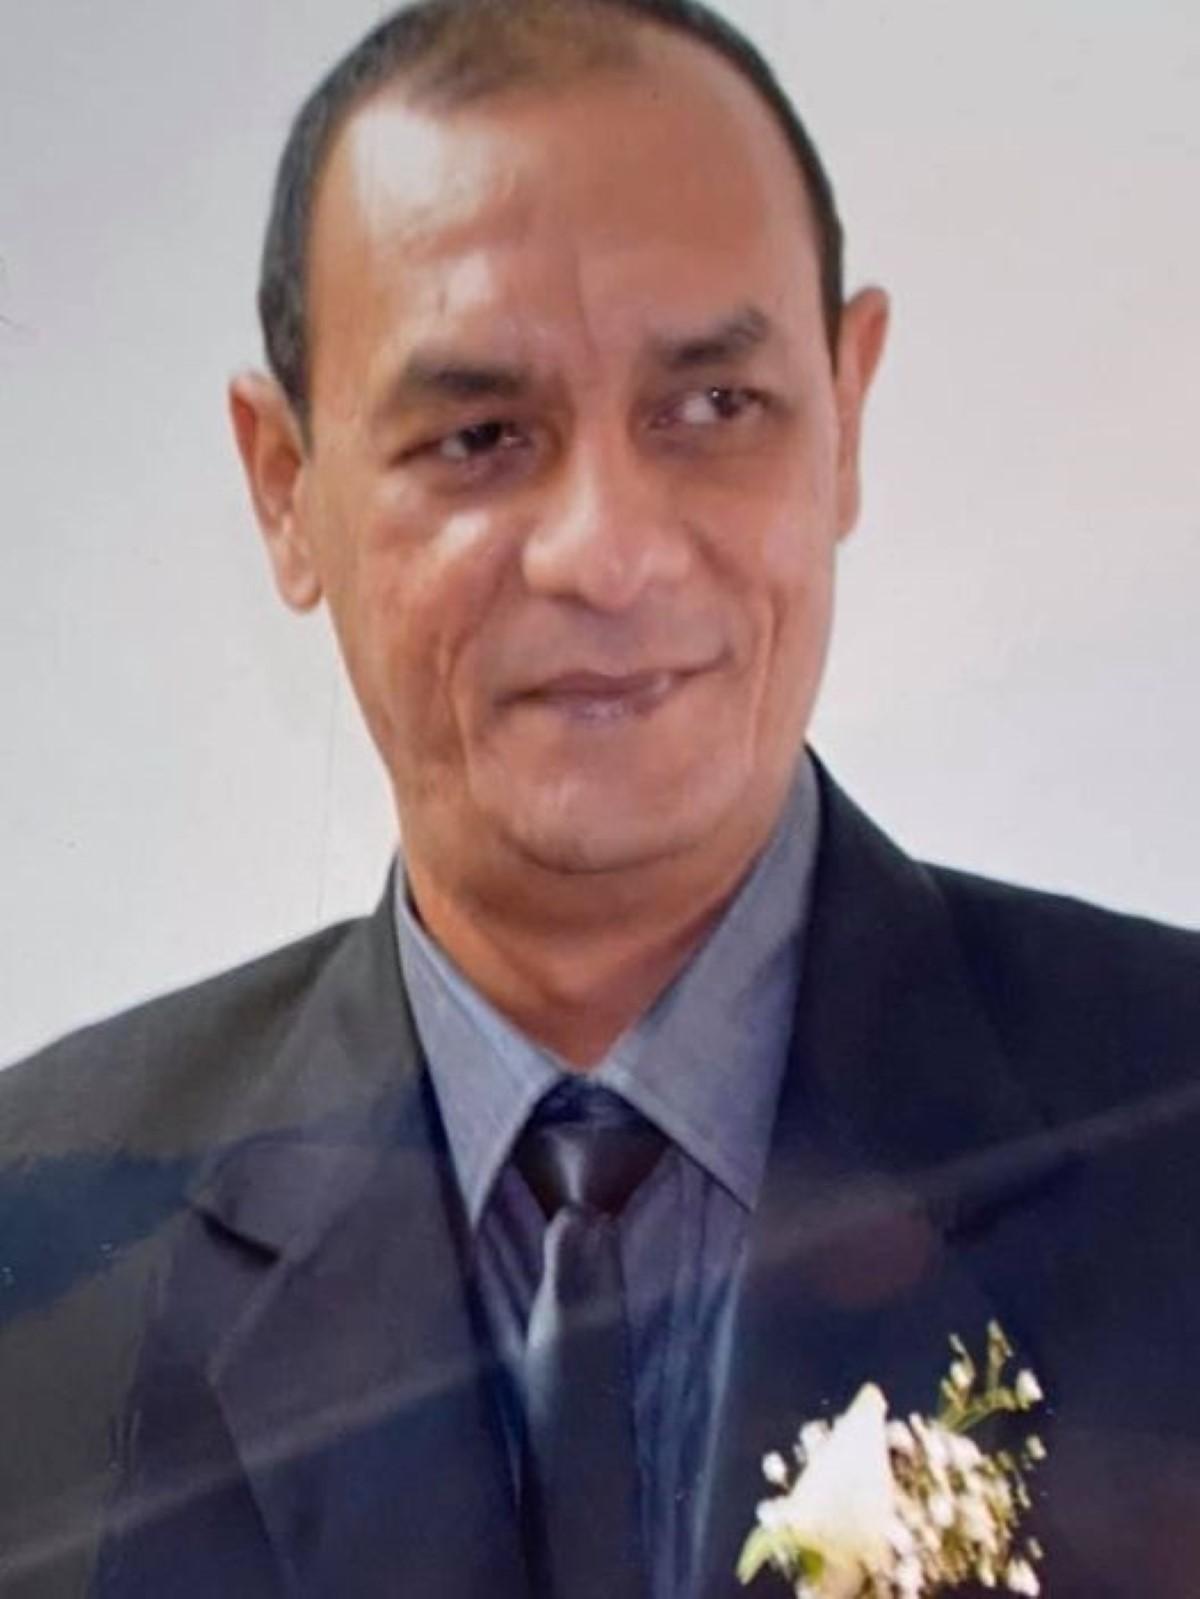 Porté disparu depuis lundi, le corps d'Iqbal Jaulim retrouvé à Trianon